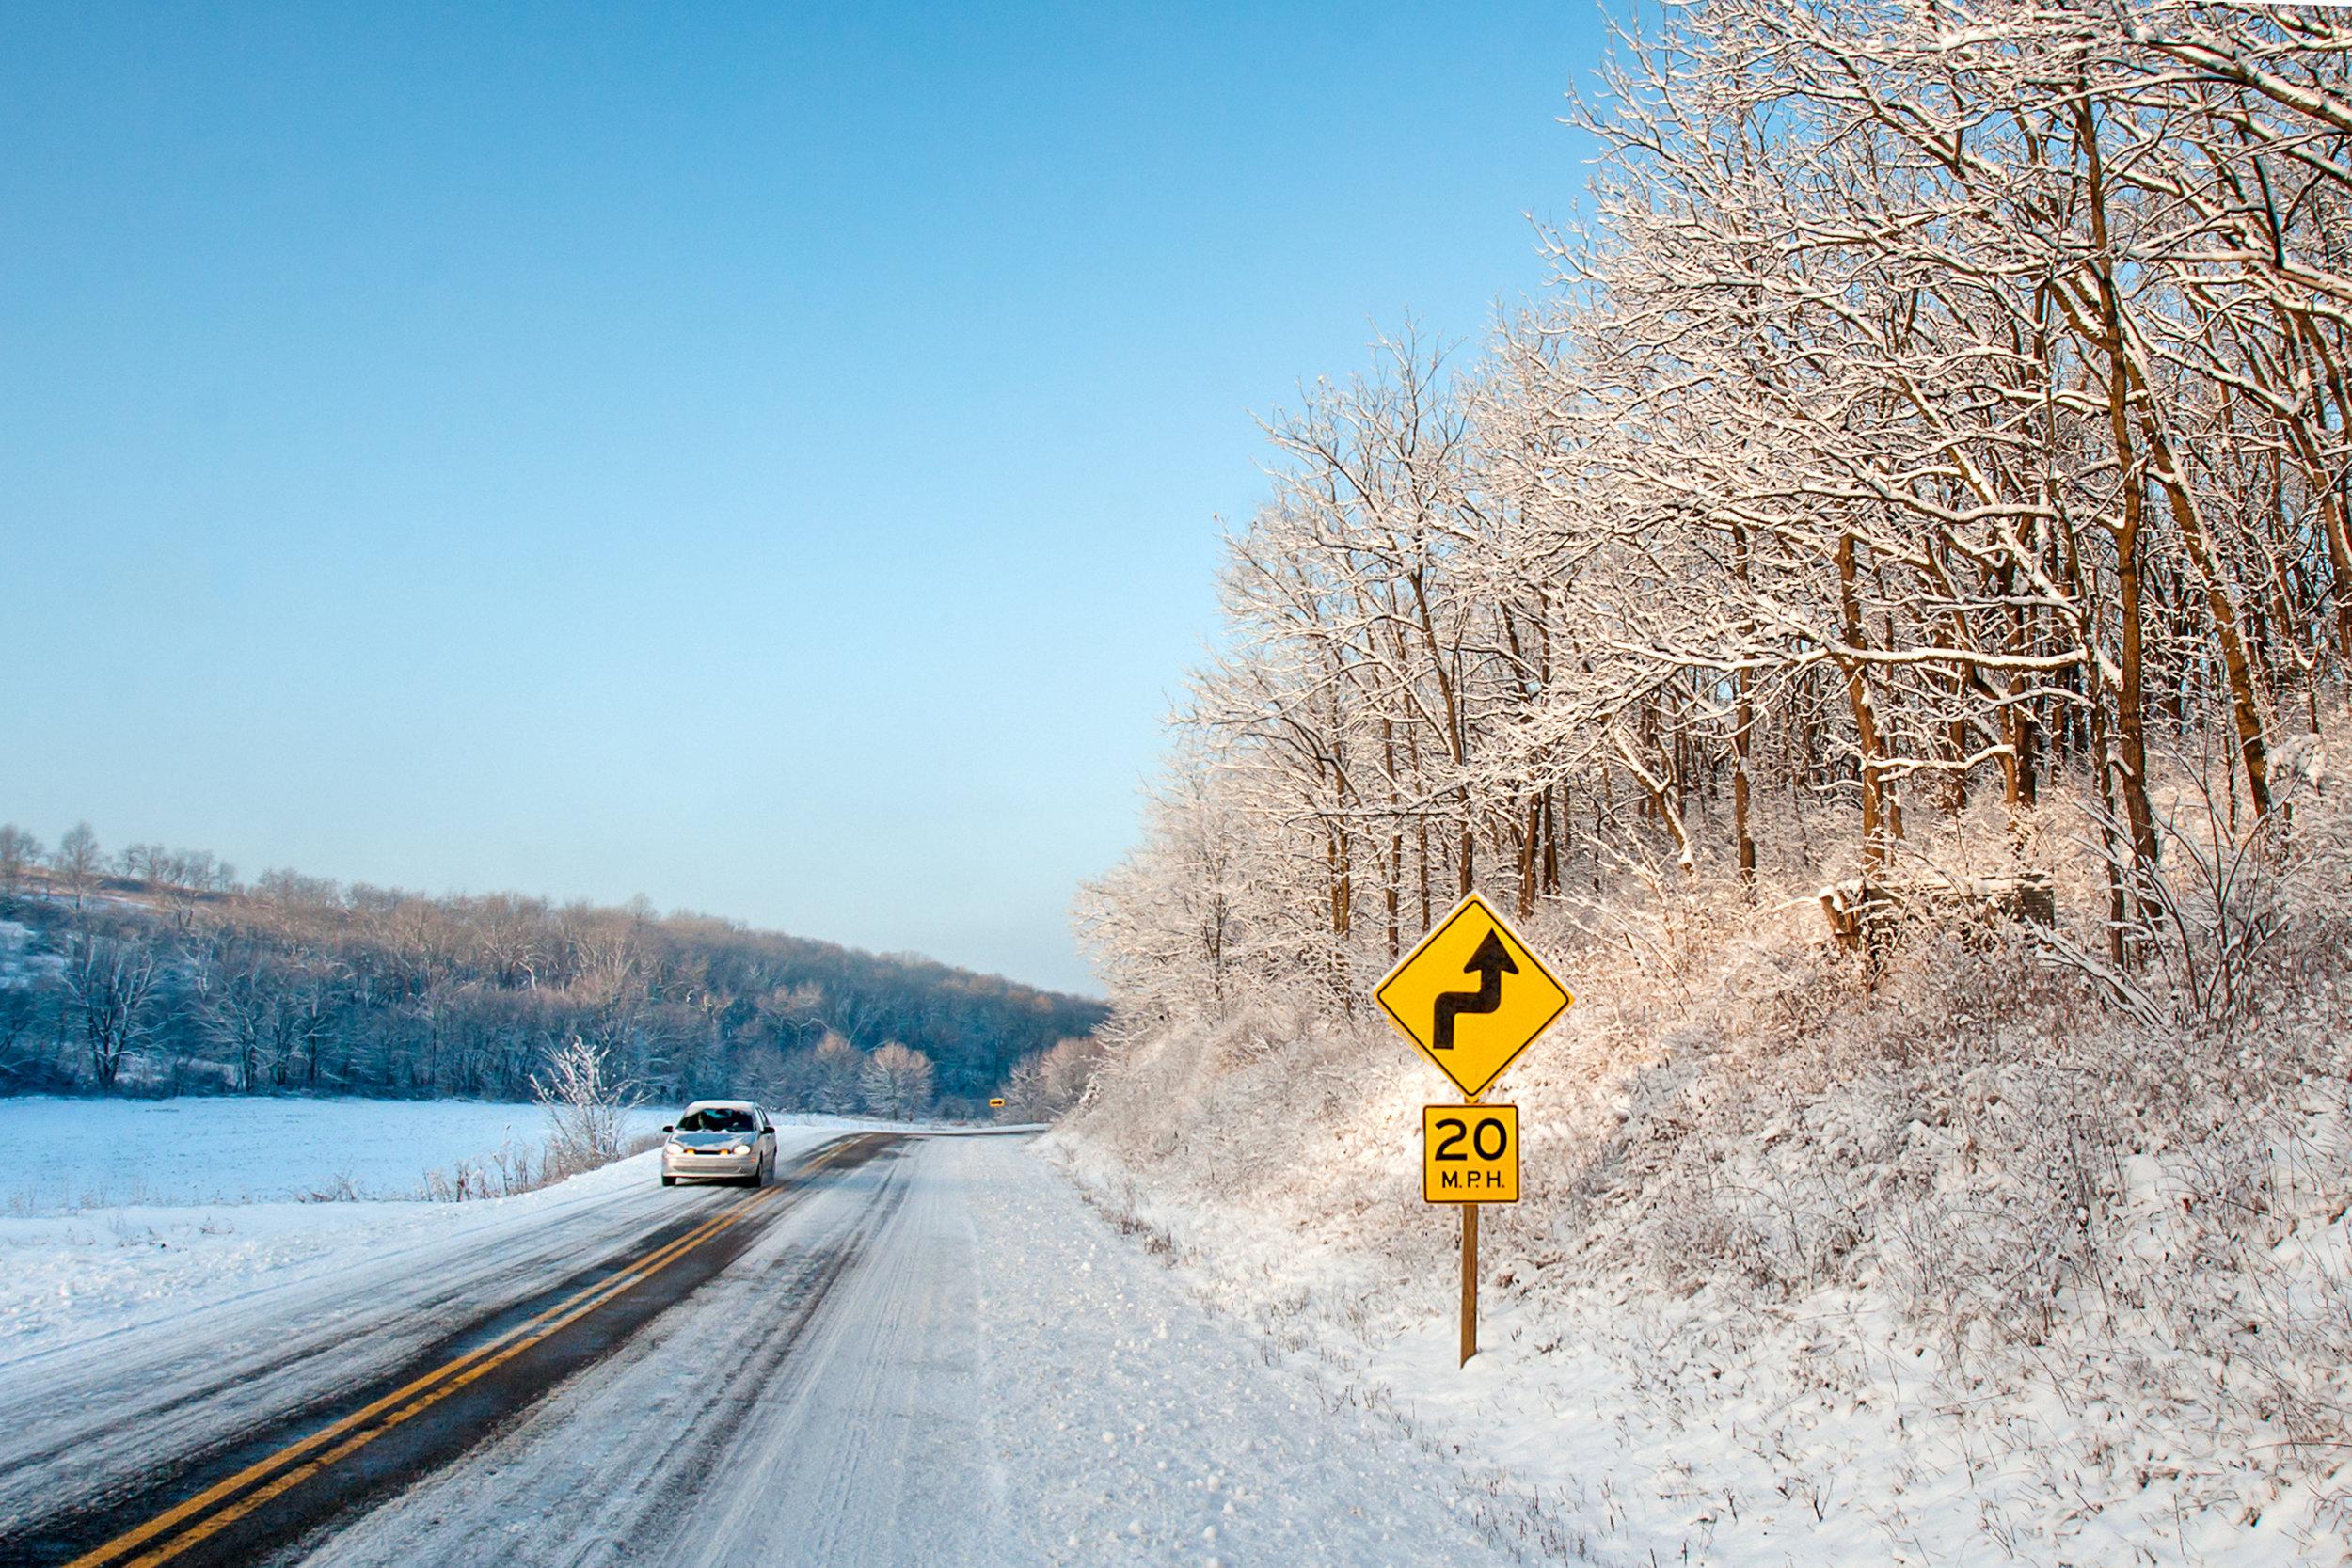 Dangerous Winter Roads